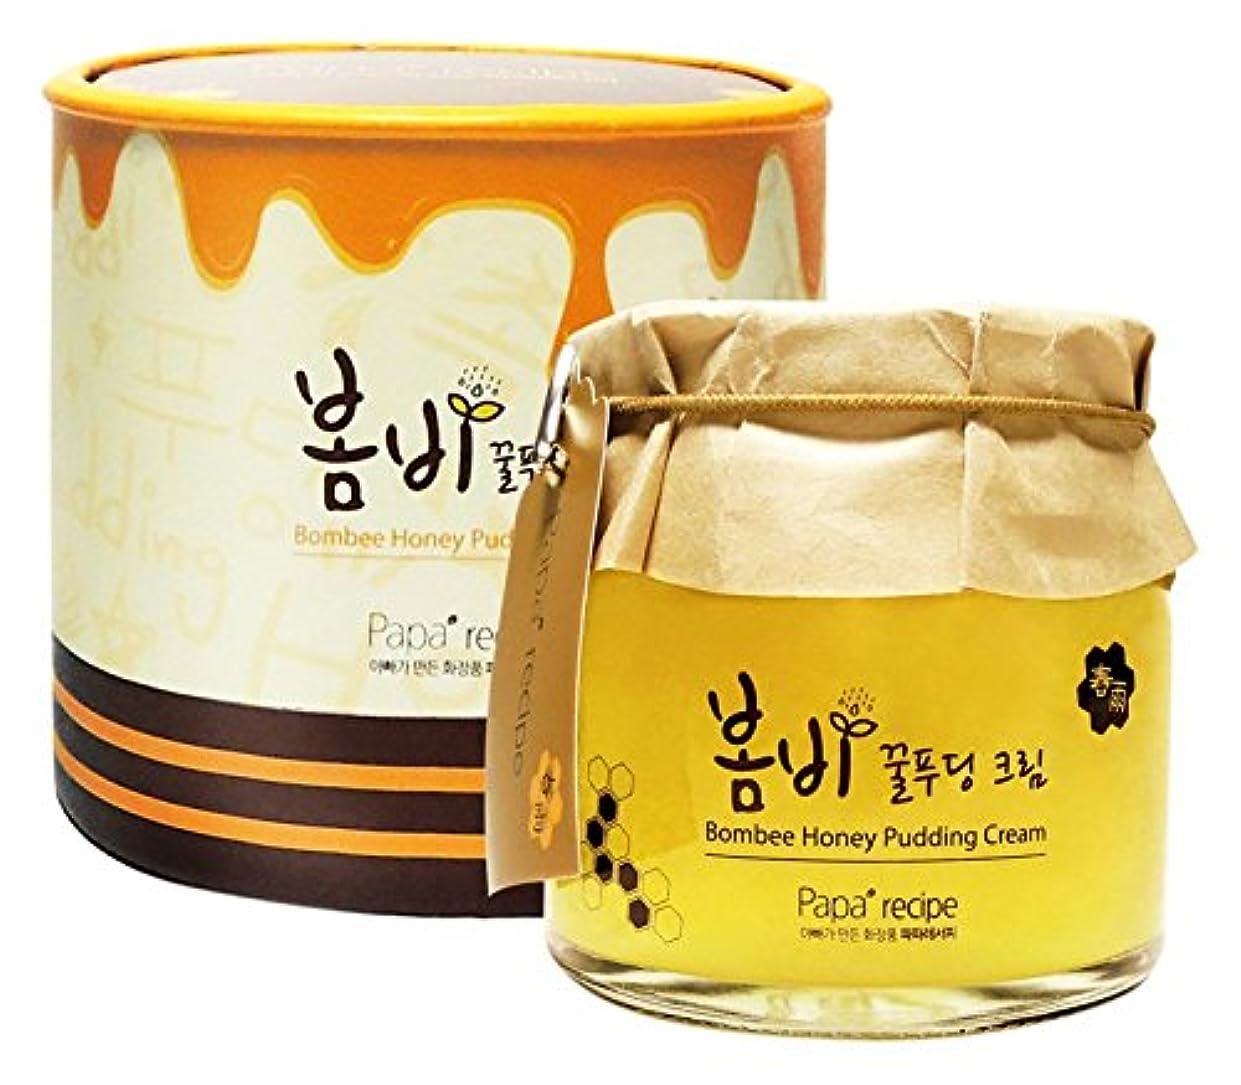 きしむ噛む傭兵Papa recipe Bombee Honey Pudding Cream 135ml/パパレシピ ボムビー ハニー プリン クリーム 135ml